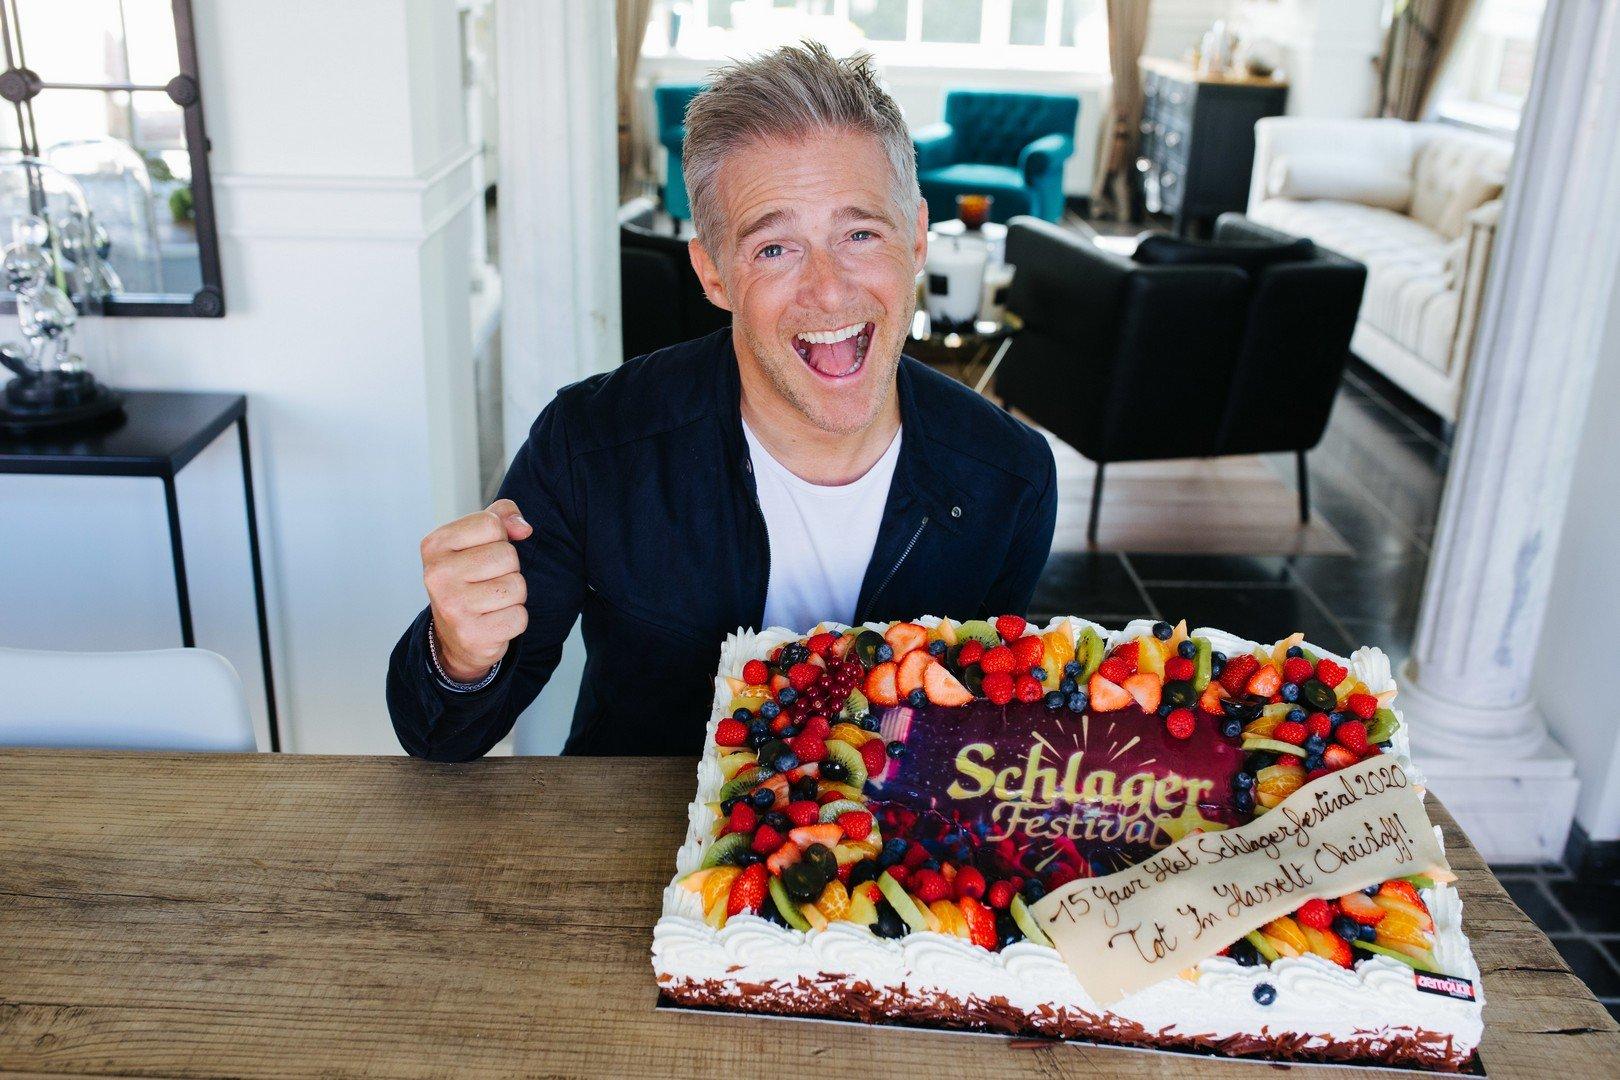 Het Schlagerfestival verrast Christoff met grote verjaardagstaart - Christoff met taart